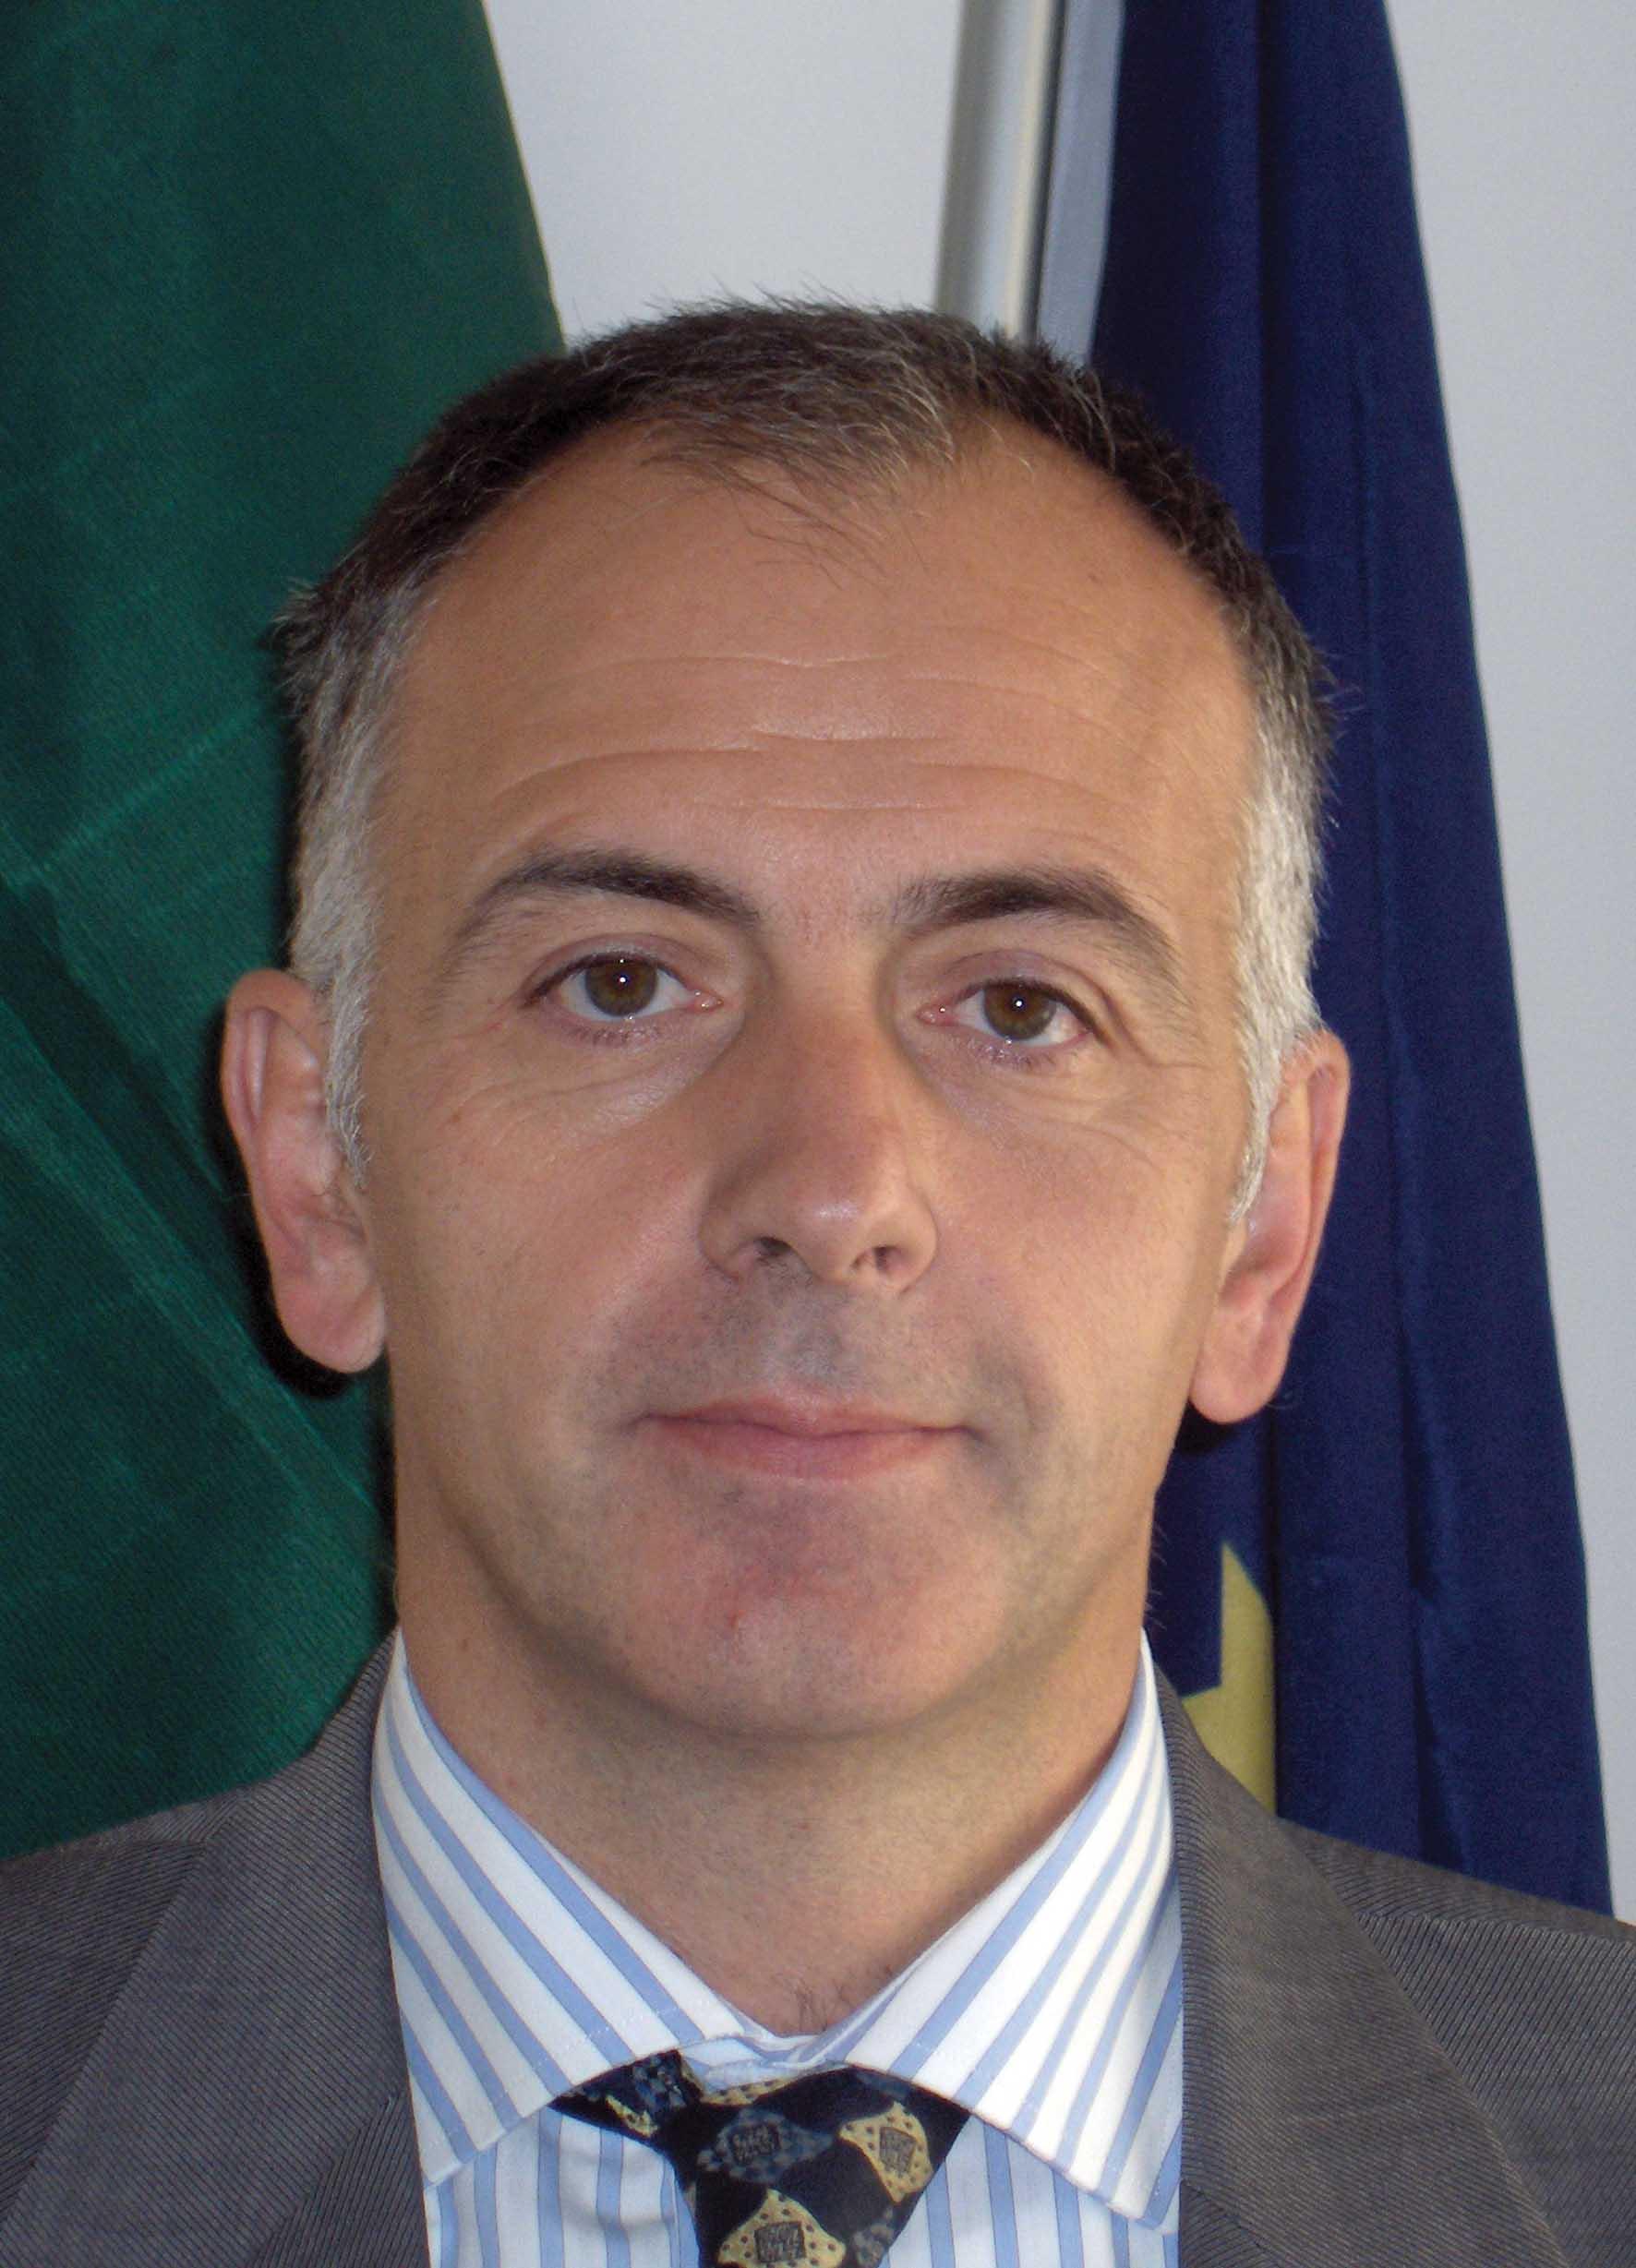 Alberto Mion presidente ordine commercialisti verona 1